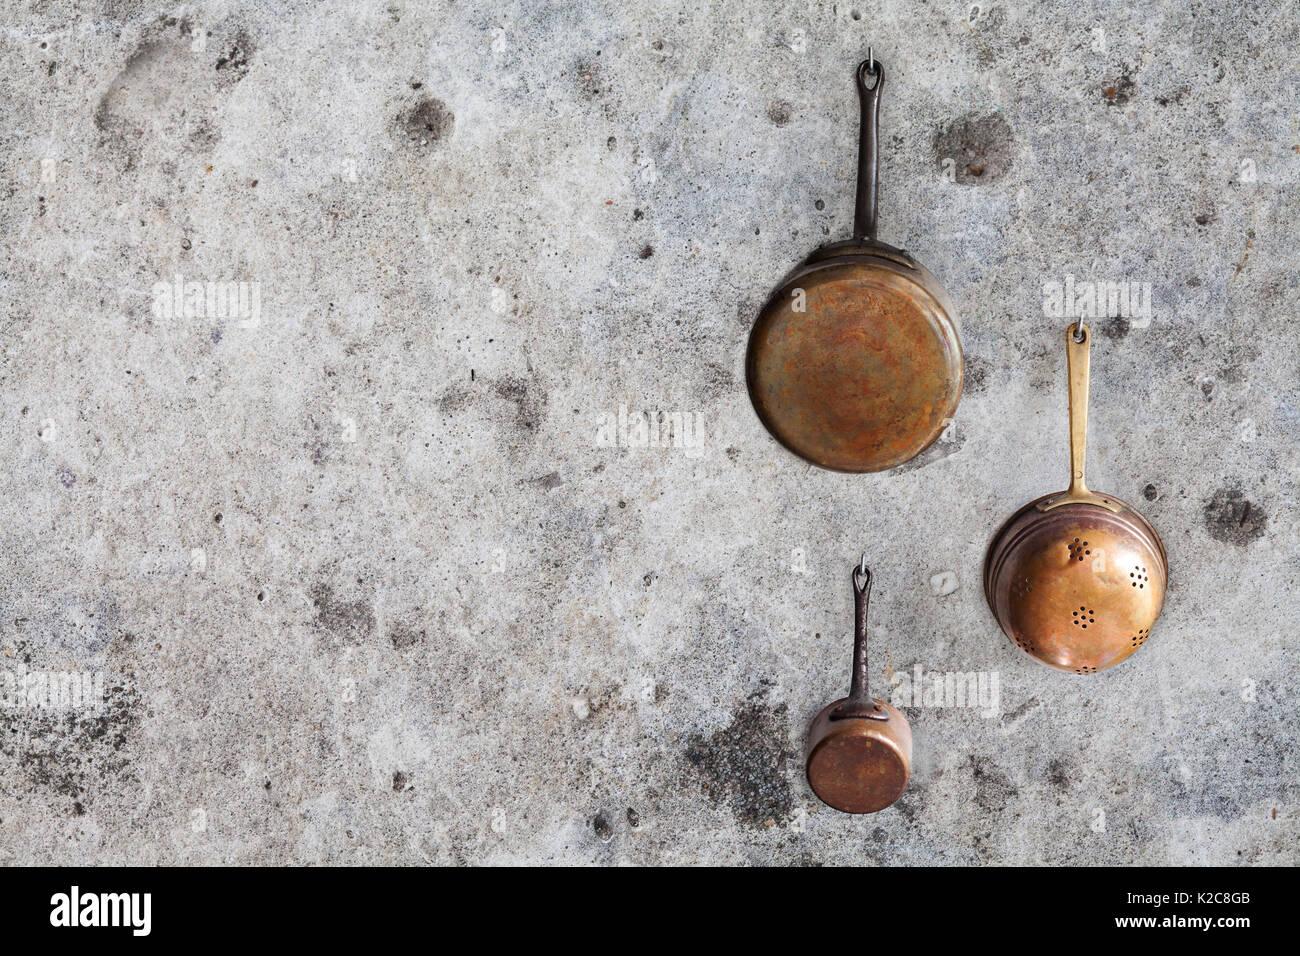 Kupfer Kuchengerate Kuchenutensilien Topf Gesetzt Im Alter Von